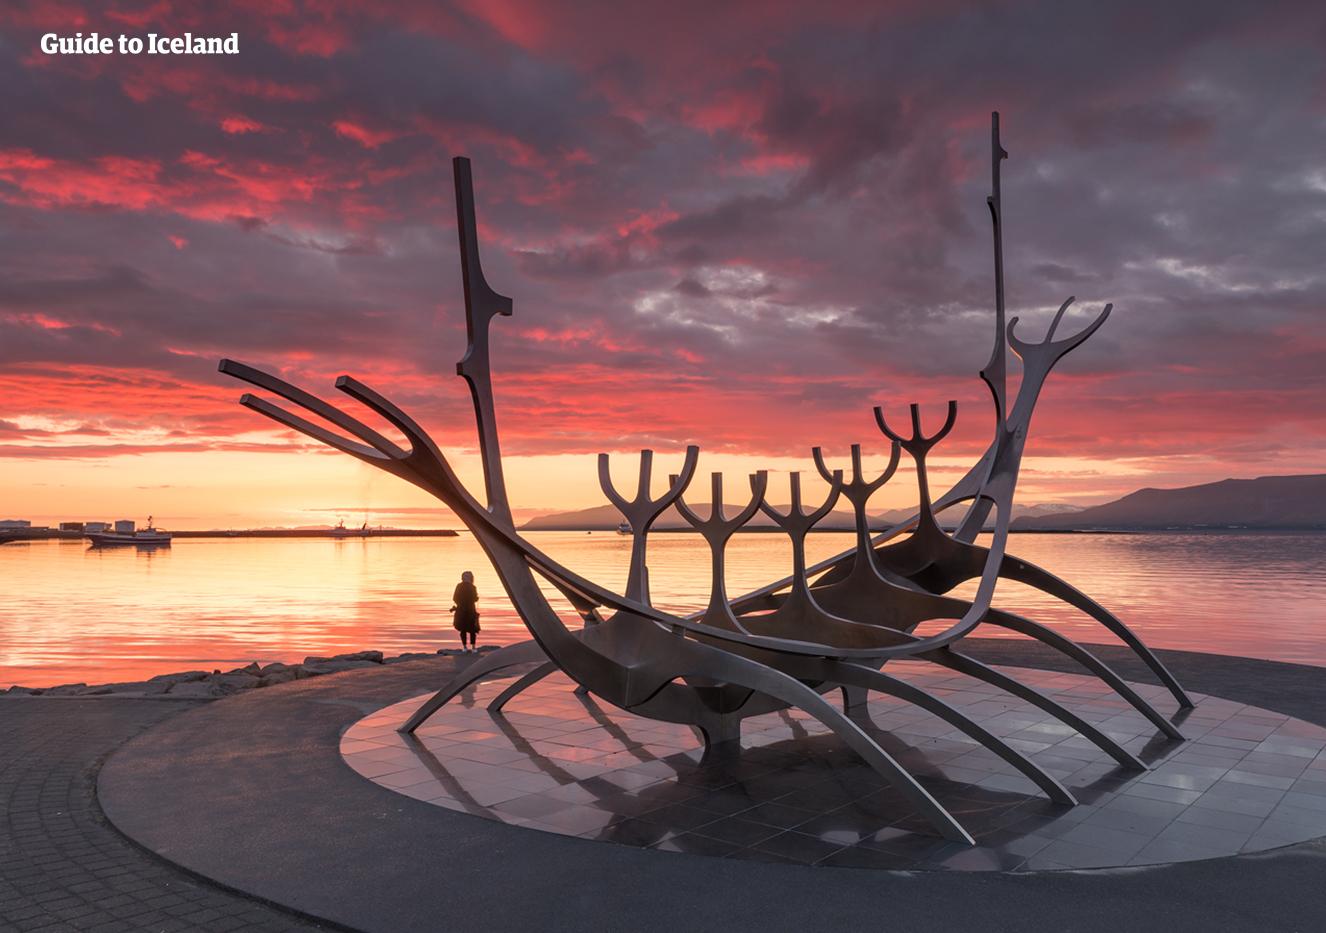 Солнечный странник – скульптура Йона Гуннара Арнасона.